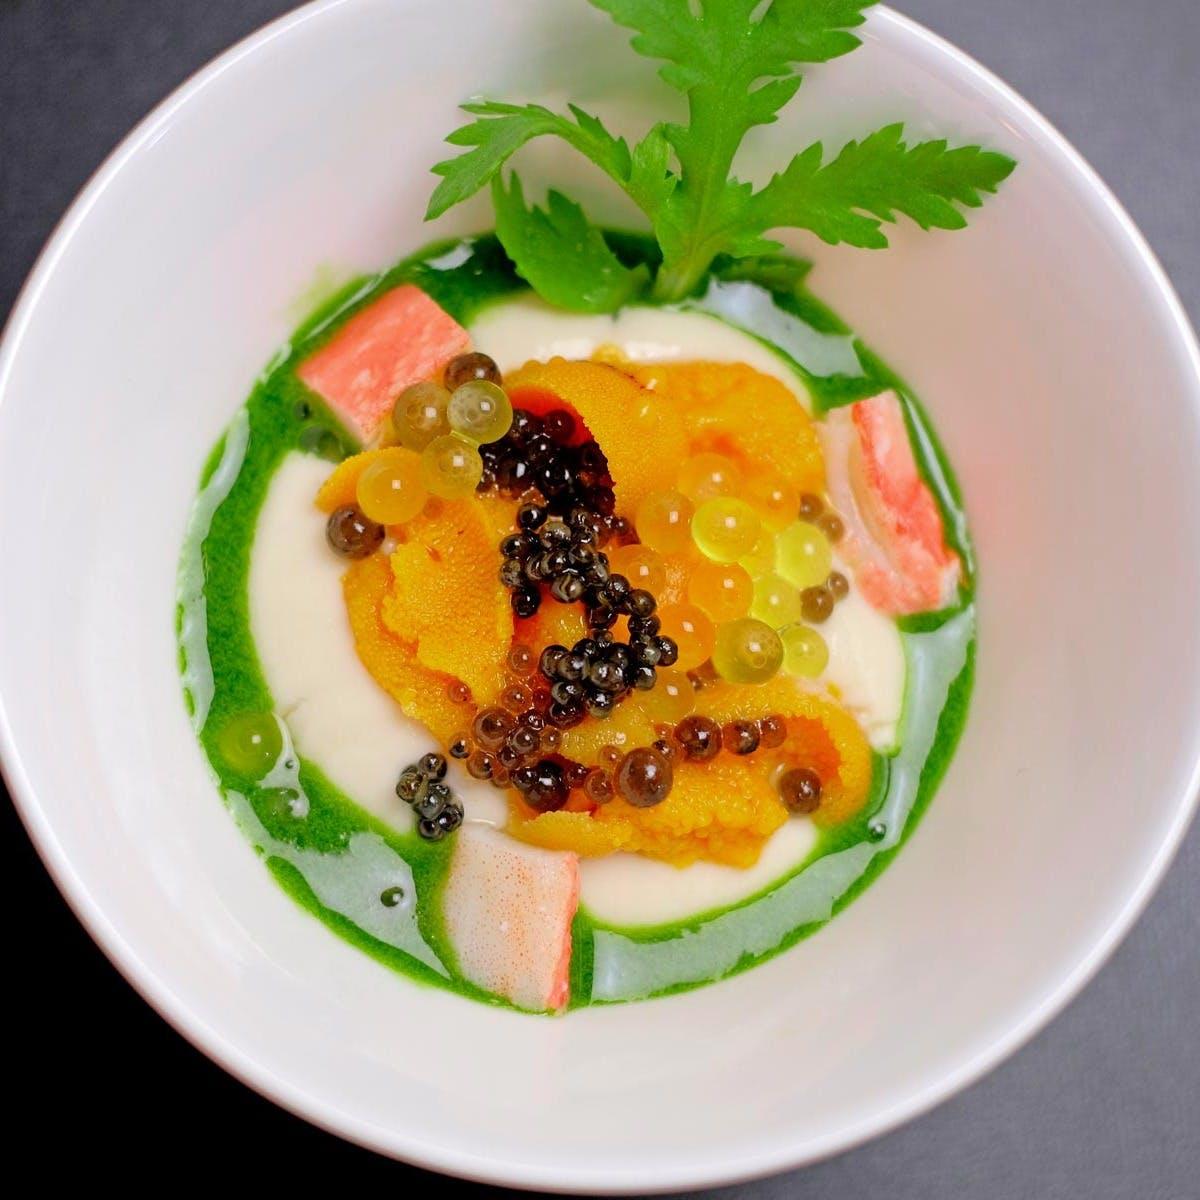 日本の食材を独創的なフレンチに 『心に響く衝撃的なお料理を通して感動を貴方に』